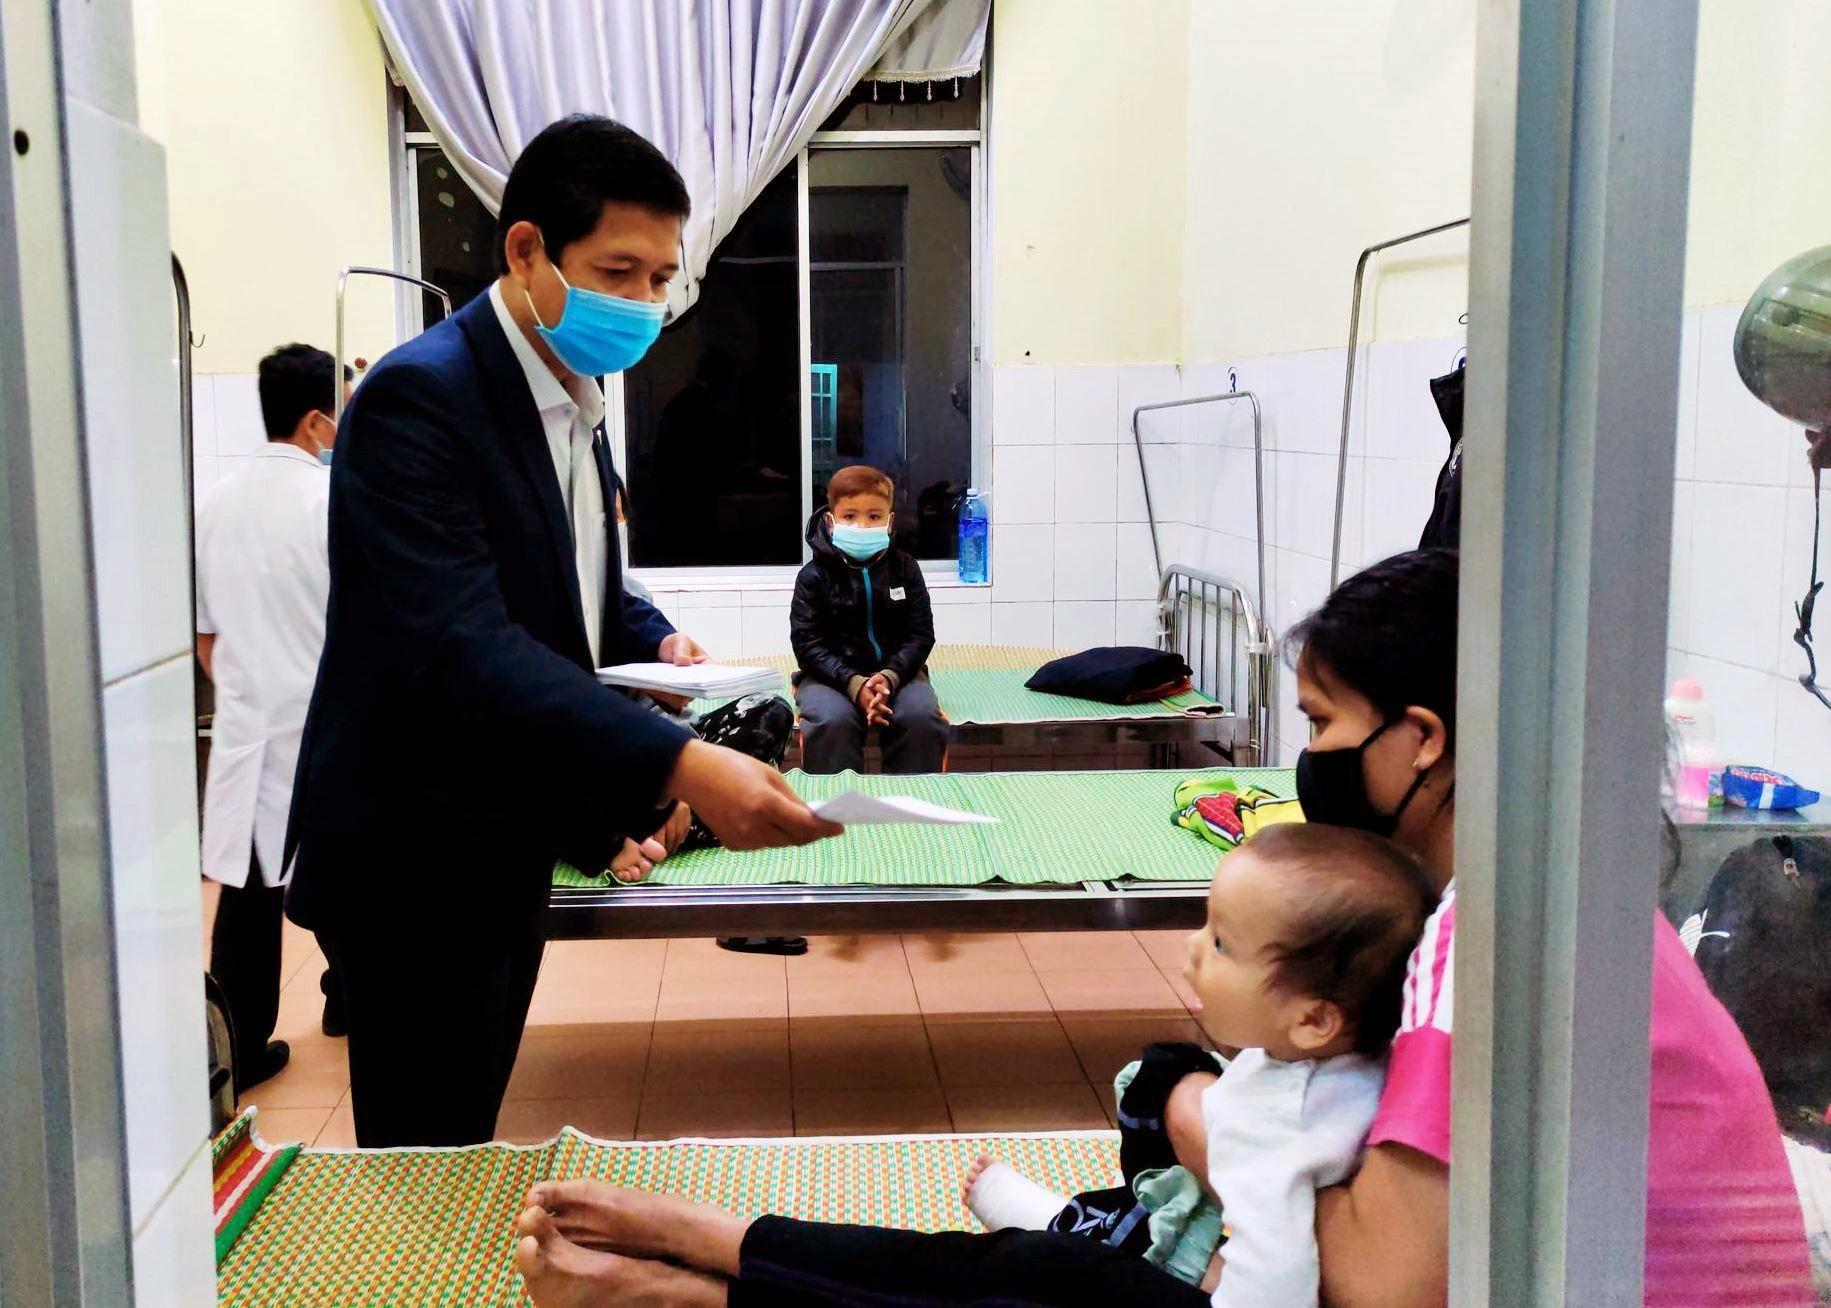 Chủ tịch UBND huyện Nam Giang - A Viết Sơn trao lì xì tết bệnh nhân điều trị nội trú tại Trung tâm Y tế huyện. Ảnh: Đ.N